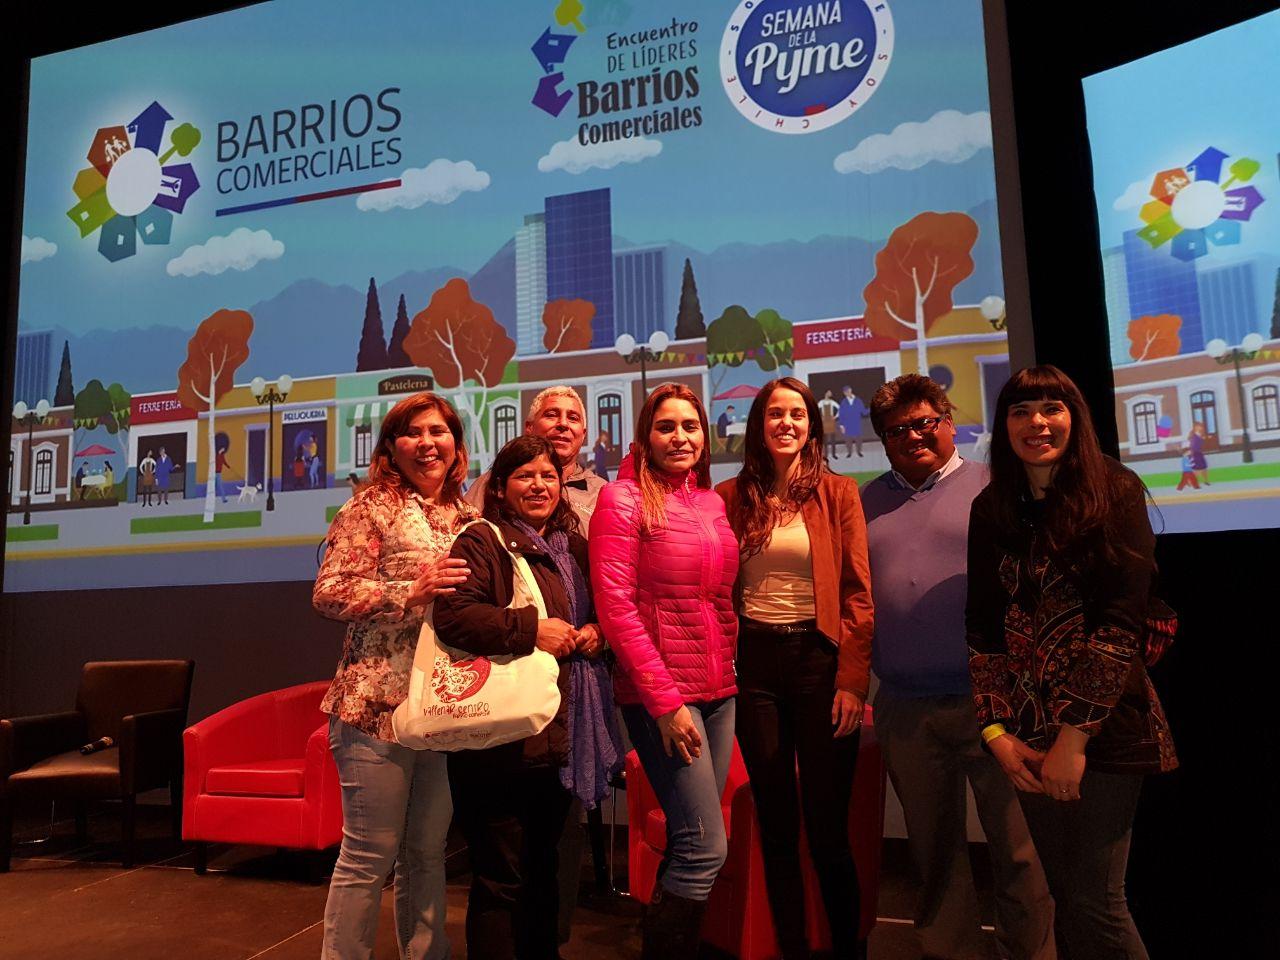 Barrio Craig se destaca en Encuentro de Líderes Nacional de Barrios Comerciales.